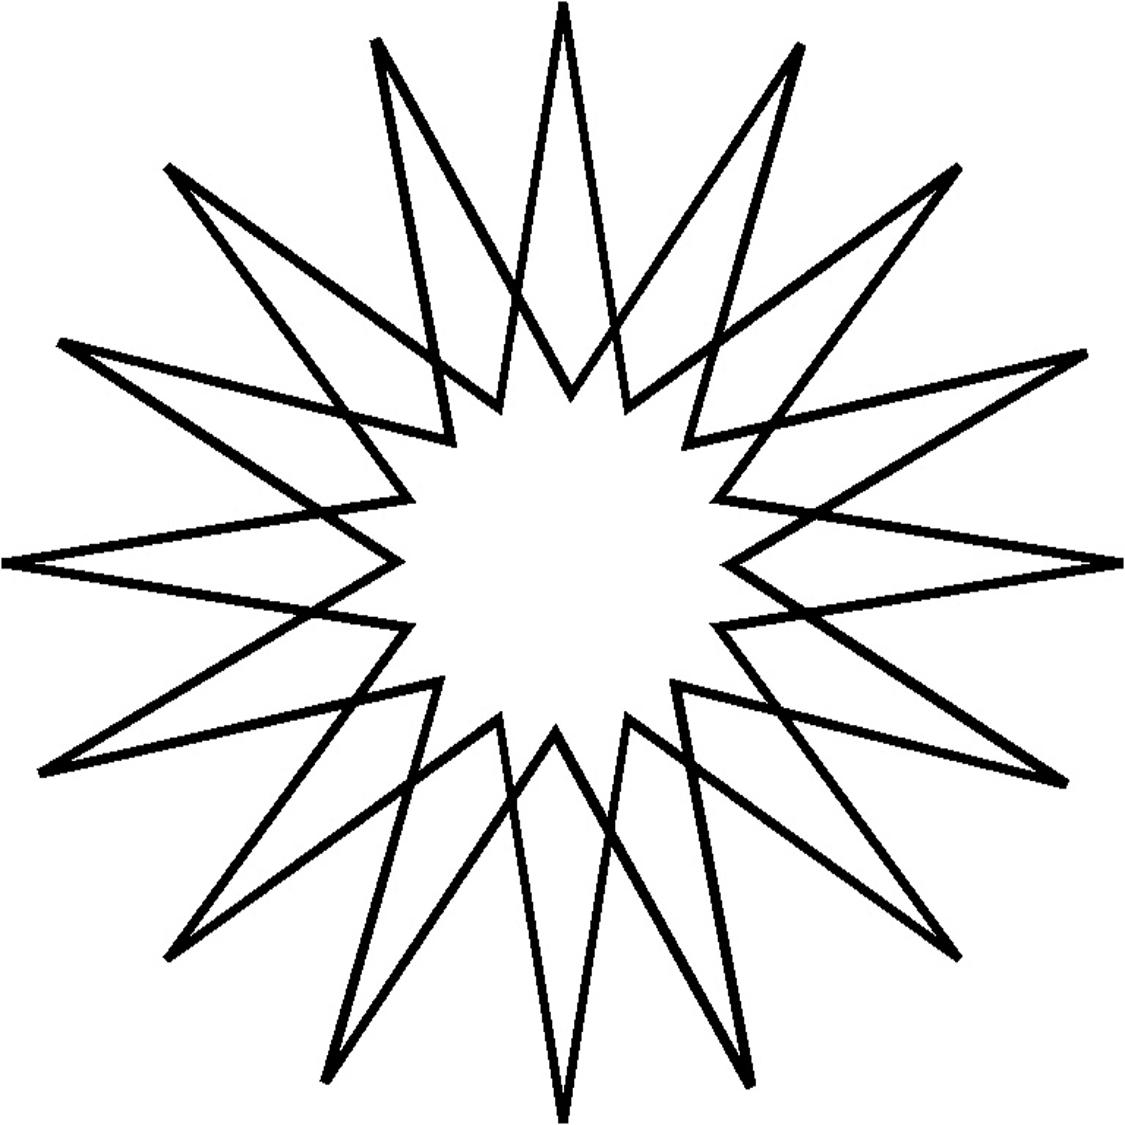 1125x1125 Origami Point Star Full Line Stencil 16 Tattoo